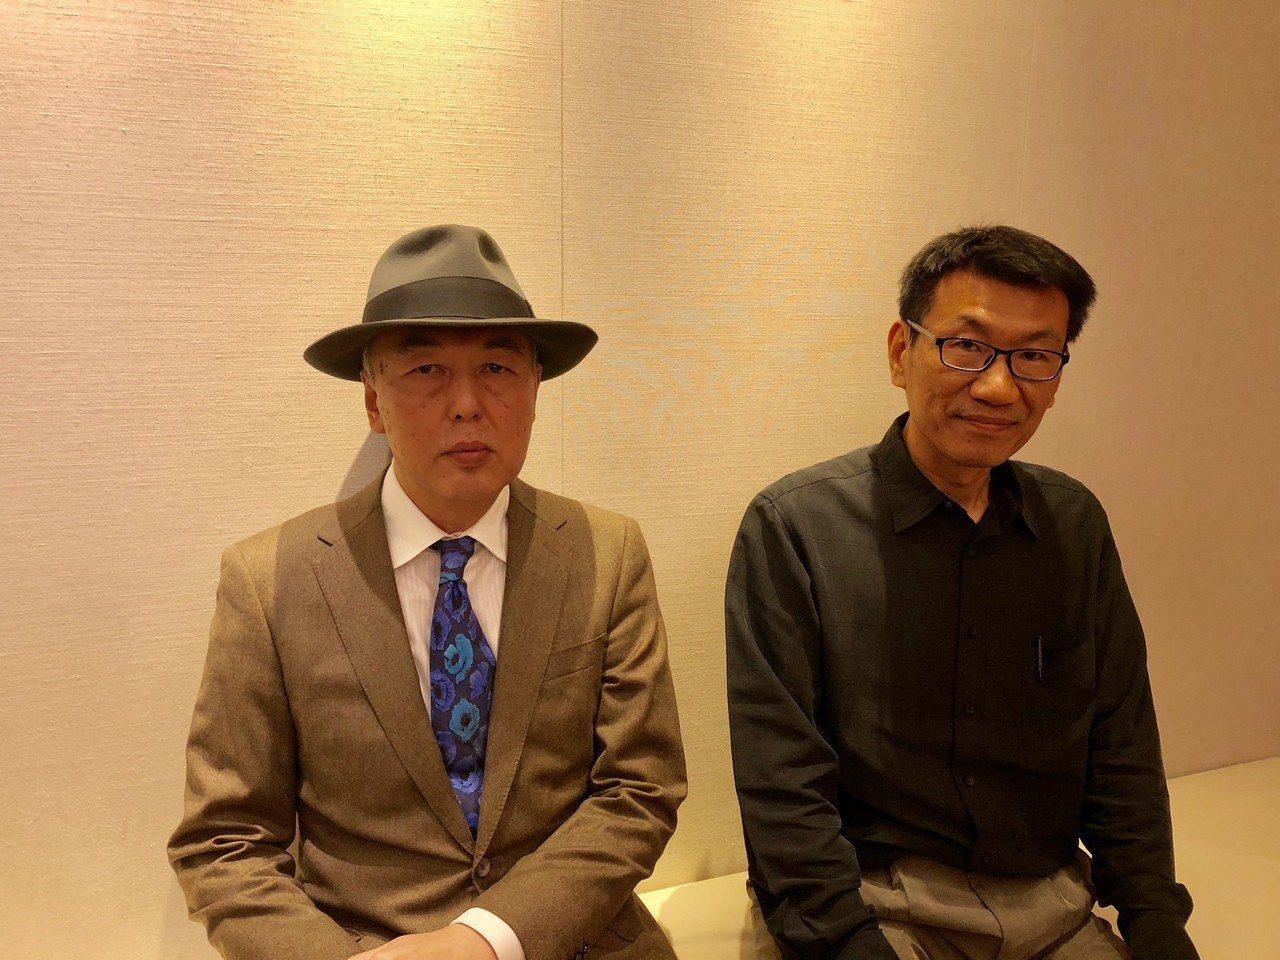 日本和台灣分別推動哲學大眾化的作家白取春彥(左)和華梵大學哲學系教授冀劍制,近來...